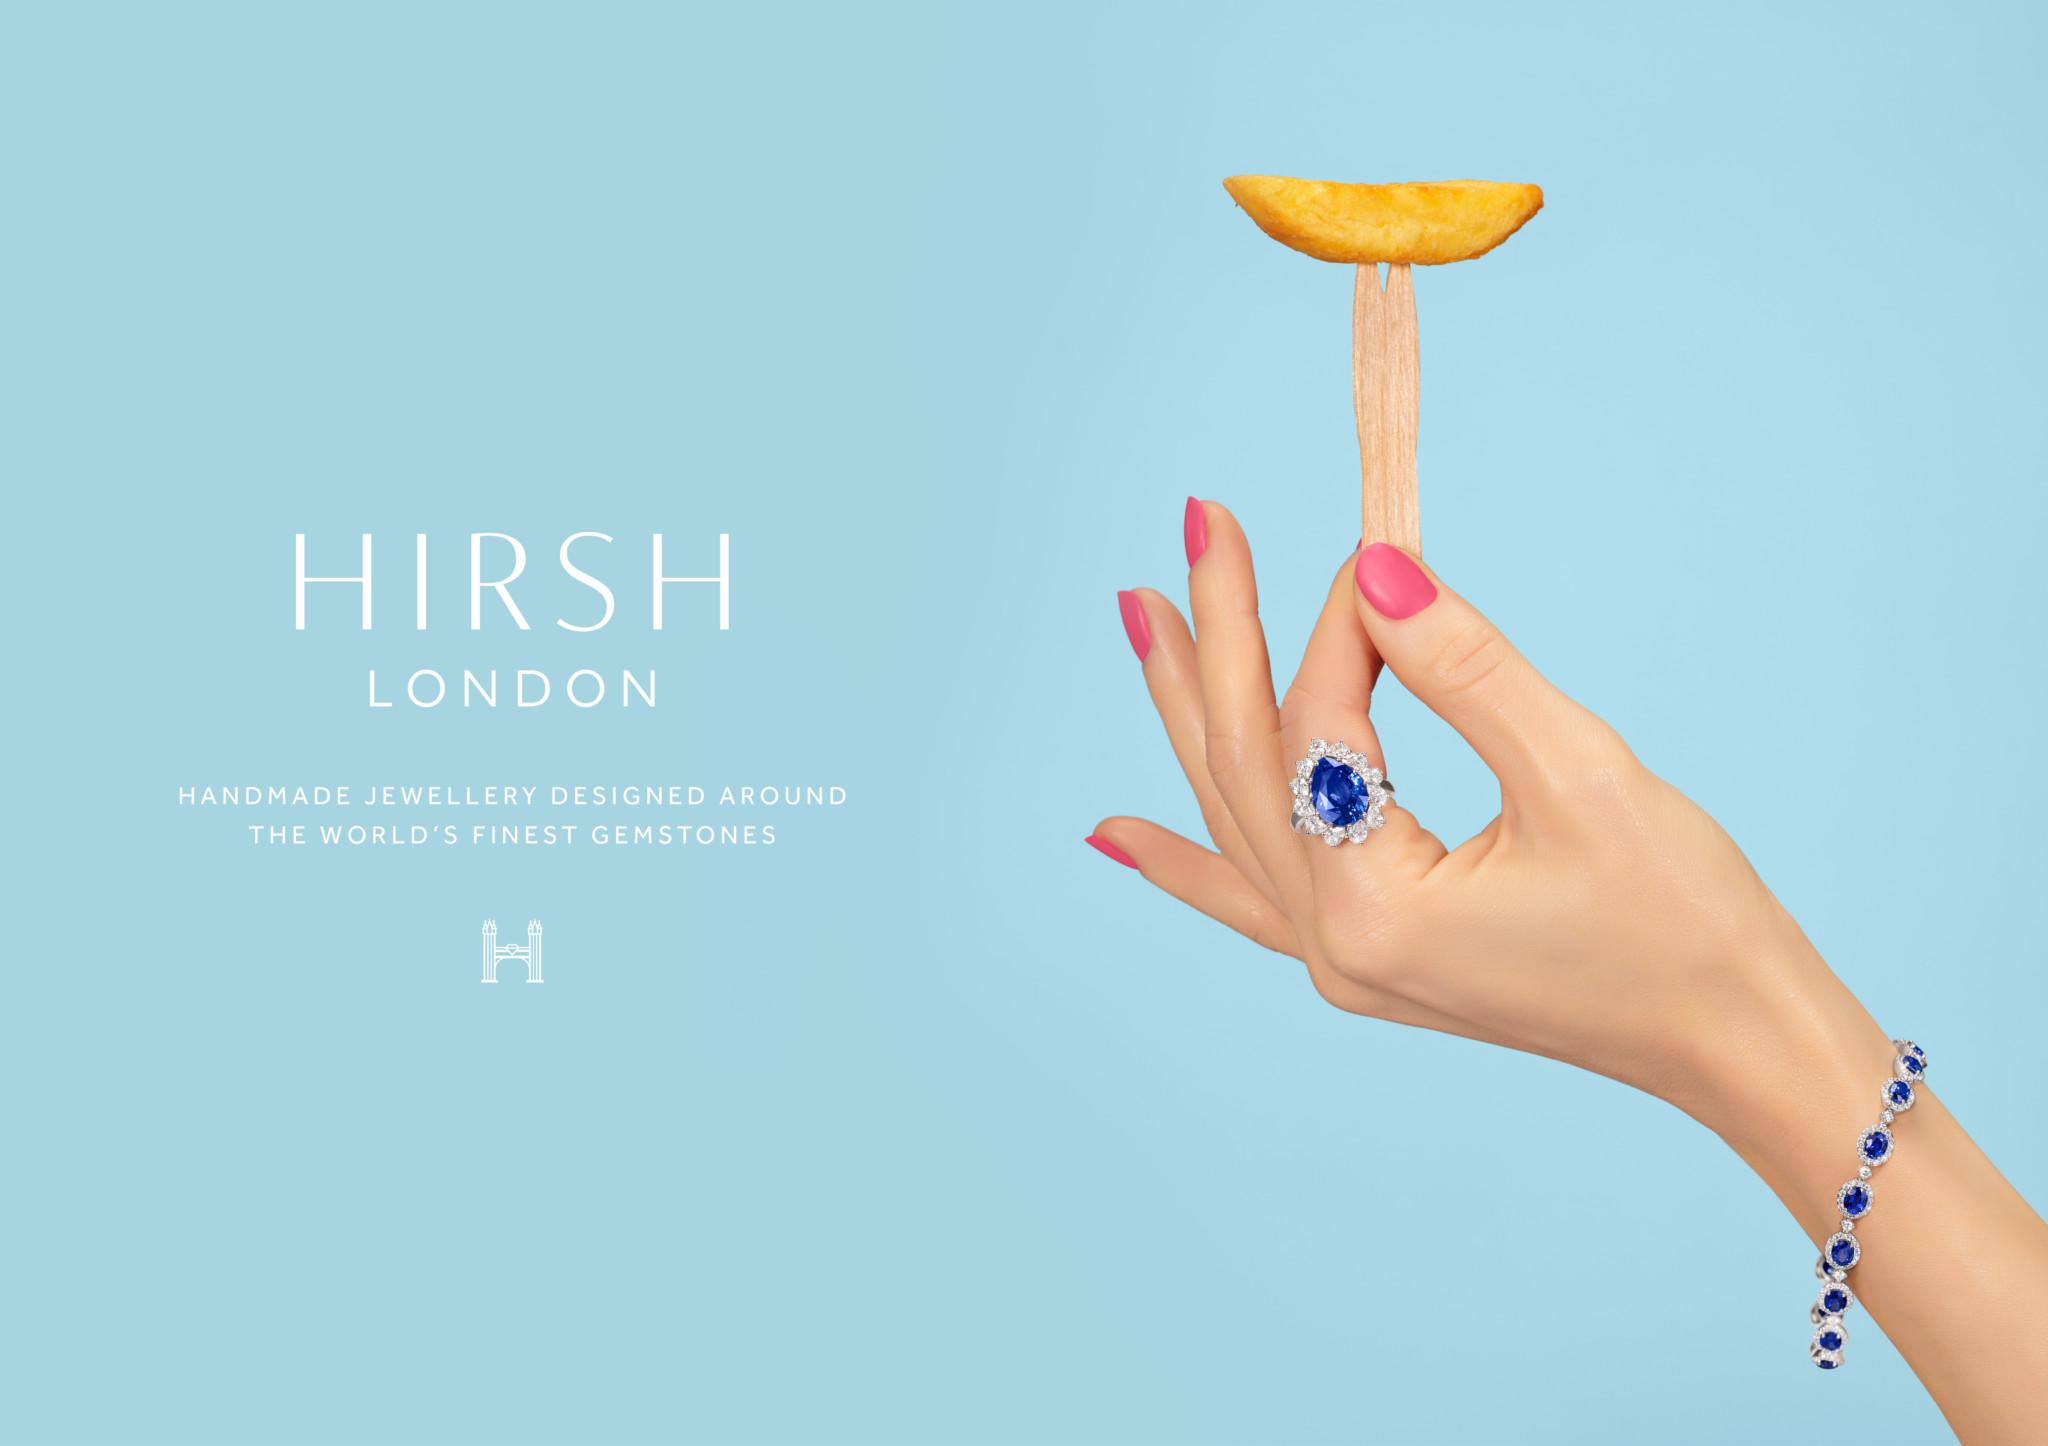 HIRSH_V1_300DPI_RGB_21 image